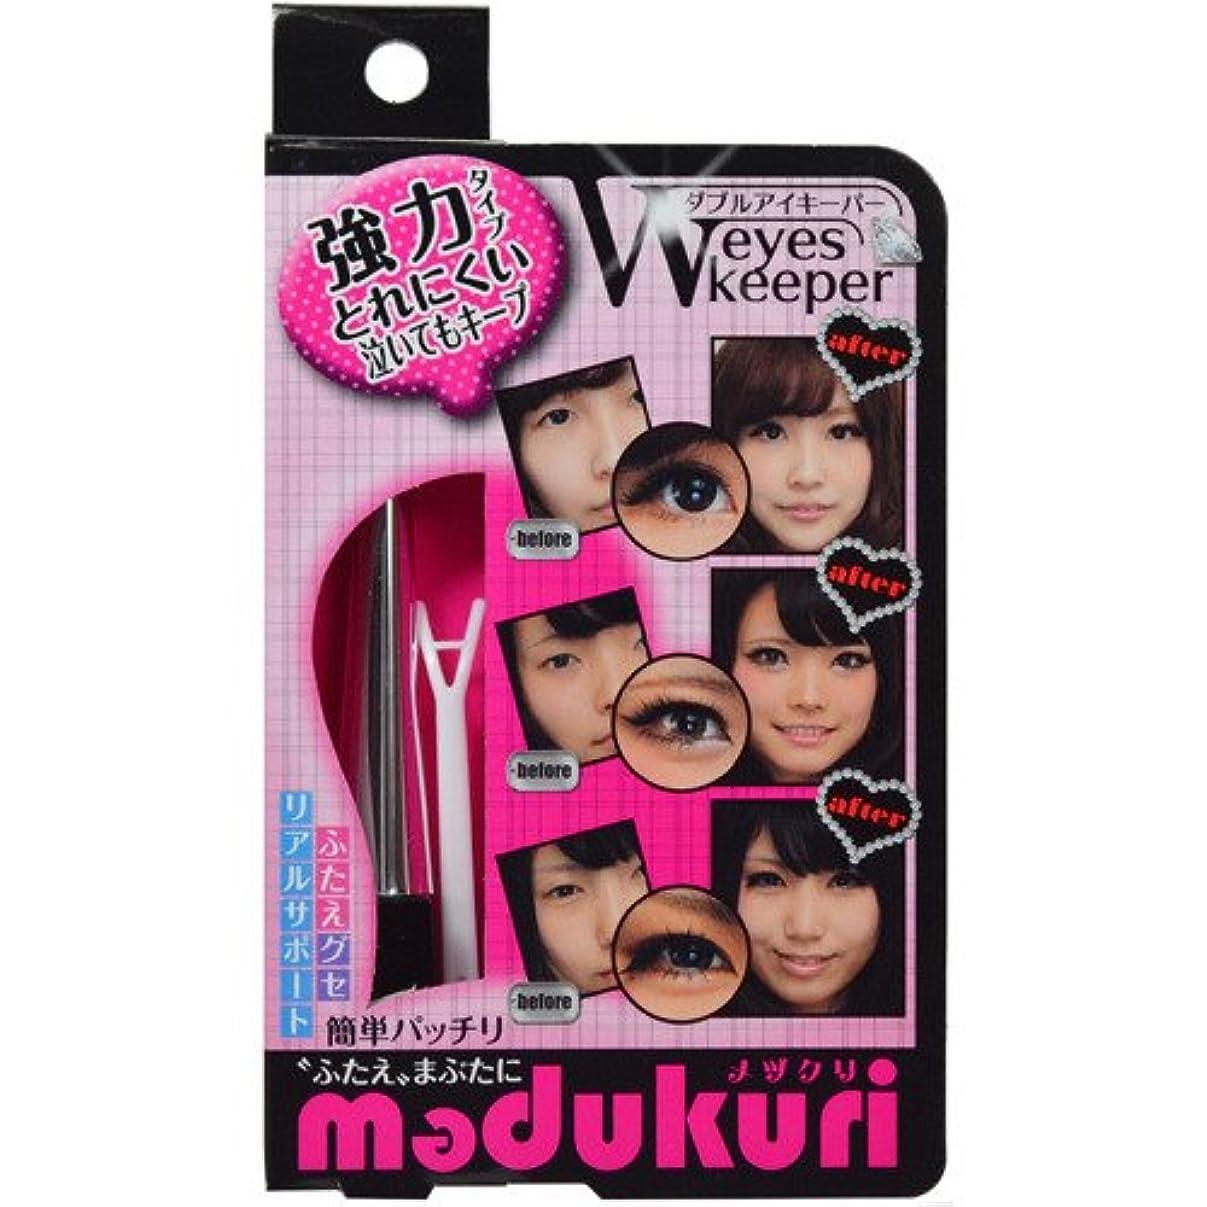 ブラインド超高層ビルコットンメヅクリ ダブルアイキーパー(二重まぶた化粧品)